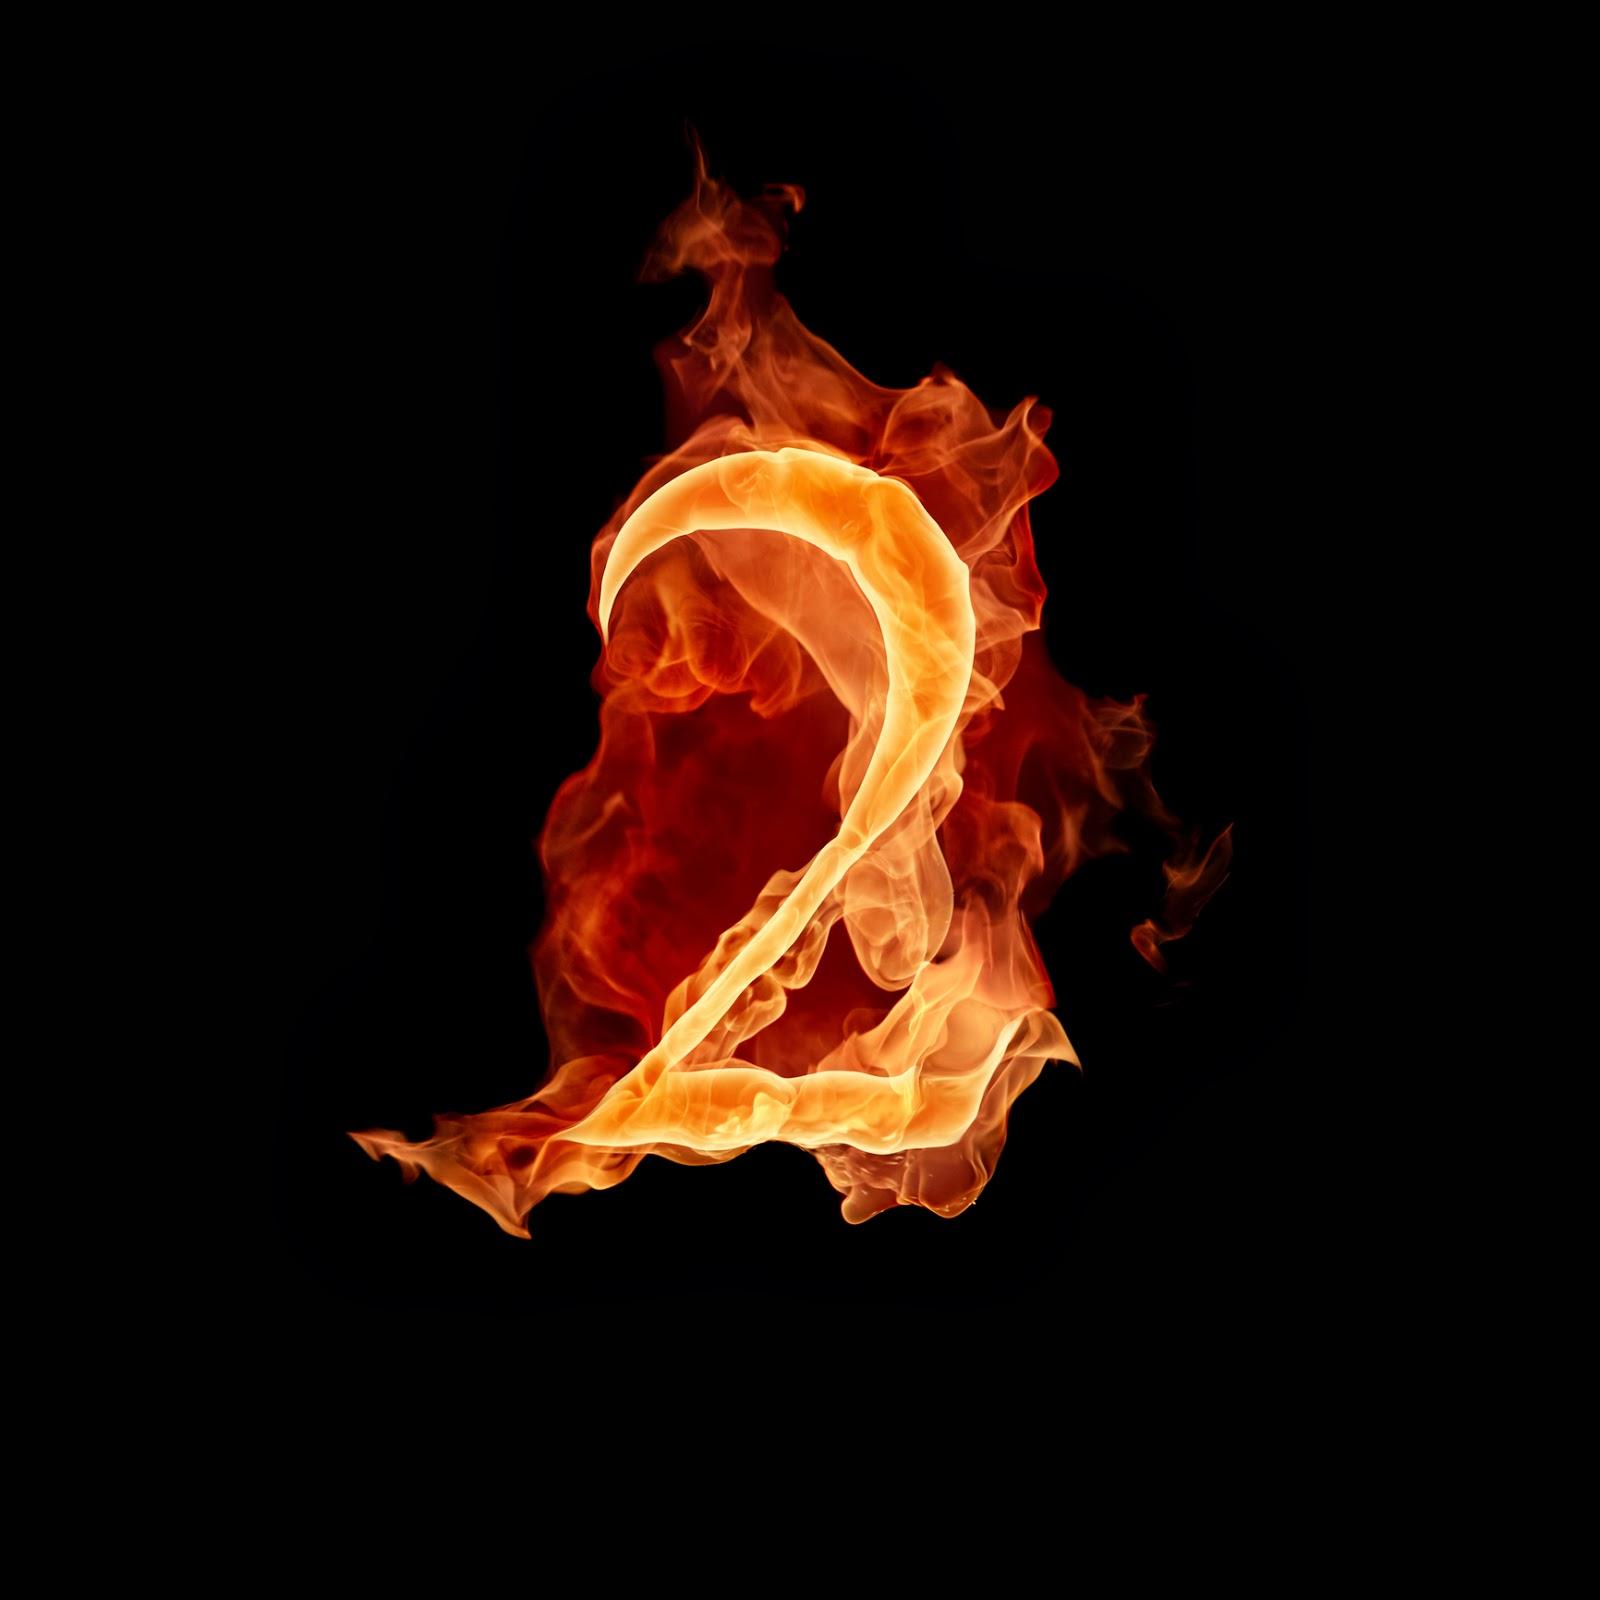 Fire Alphabet Wallpaper